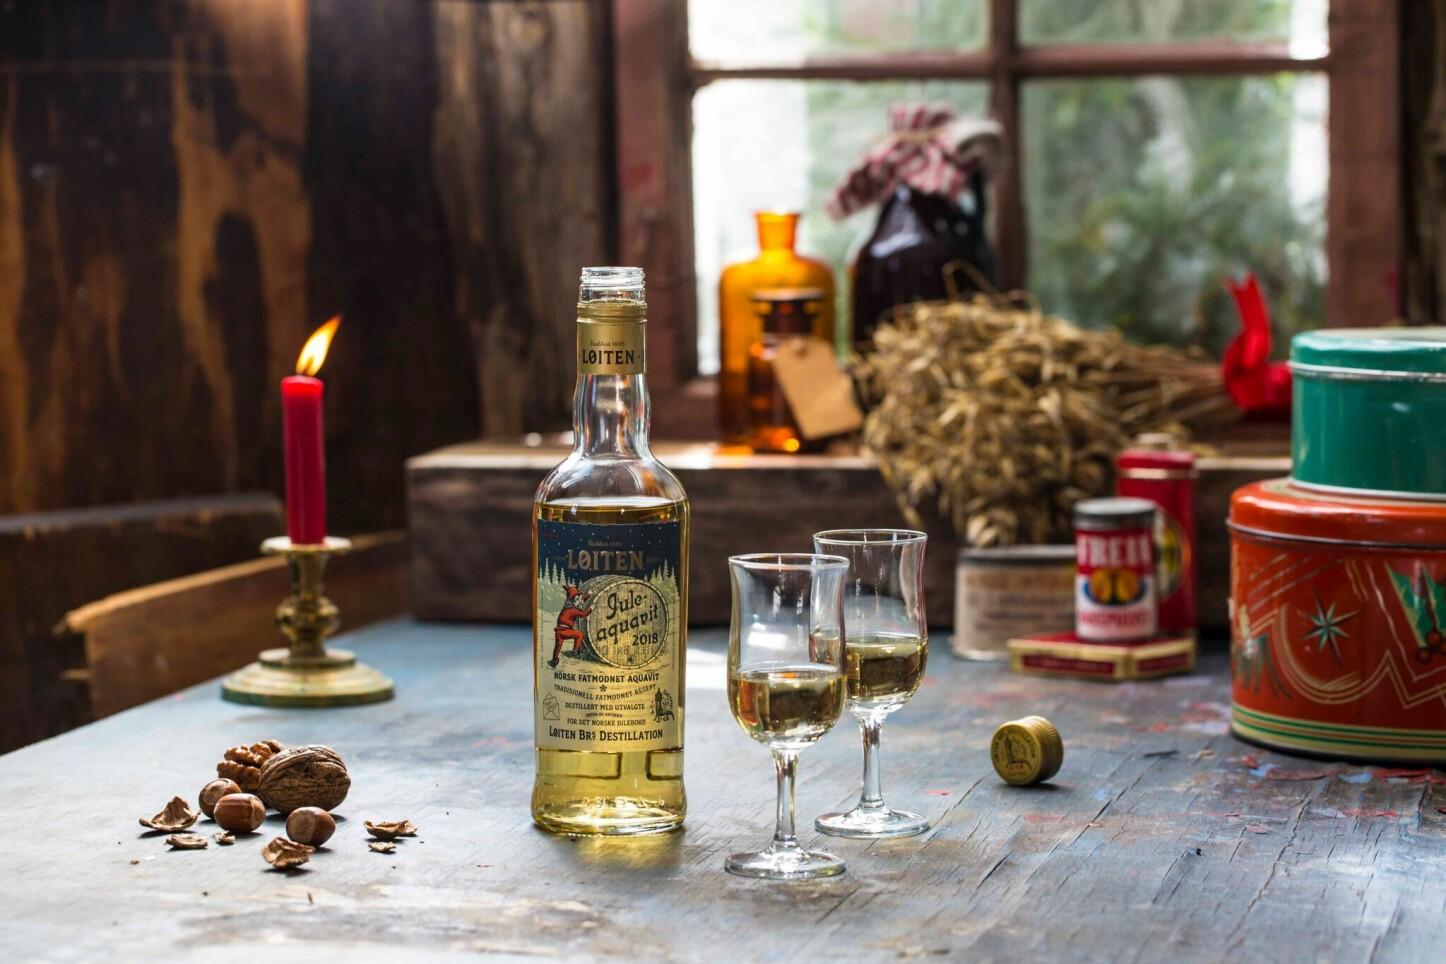 <b>EKSKLUSIV AKEVITT:</b> I 2018 kommer Løiten med sin aller første juleakevitt. Det blir en eksklusiv affære med kun 7000 flasker tilgjengelig på norske Pol.